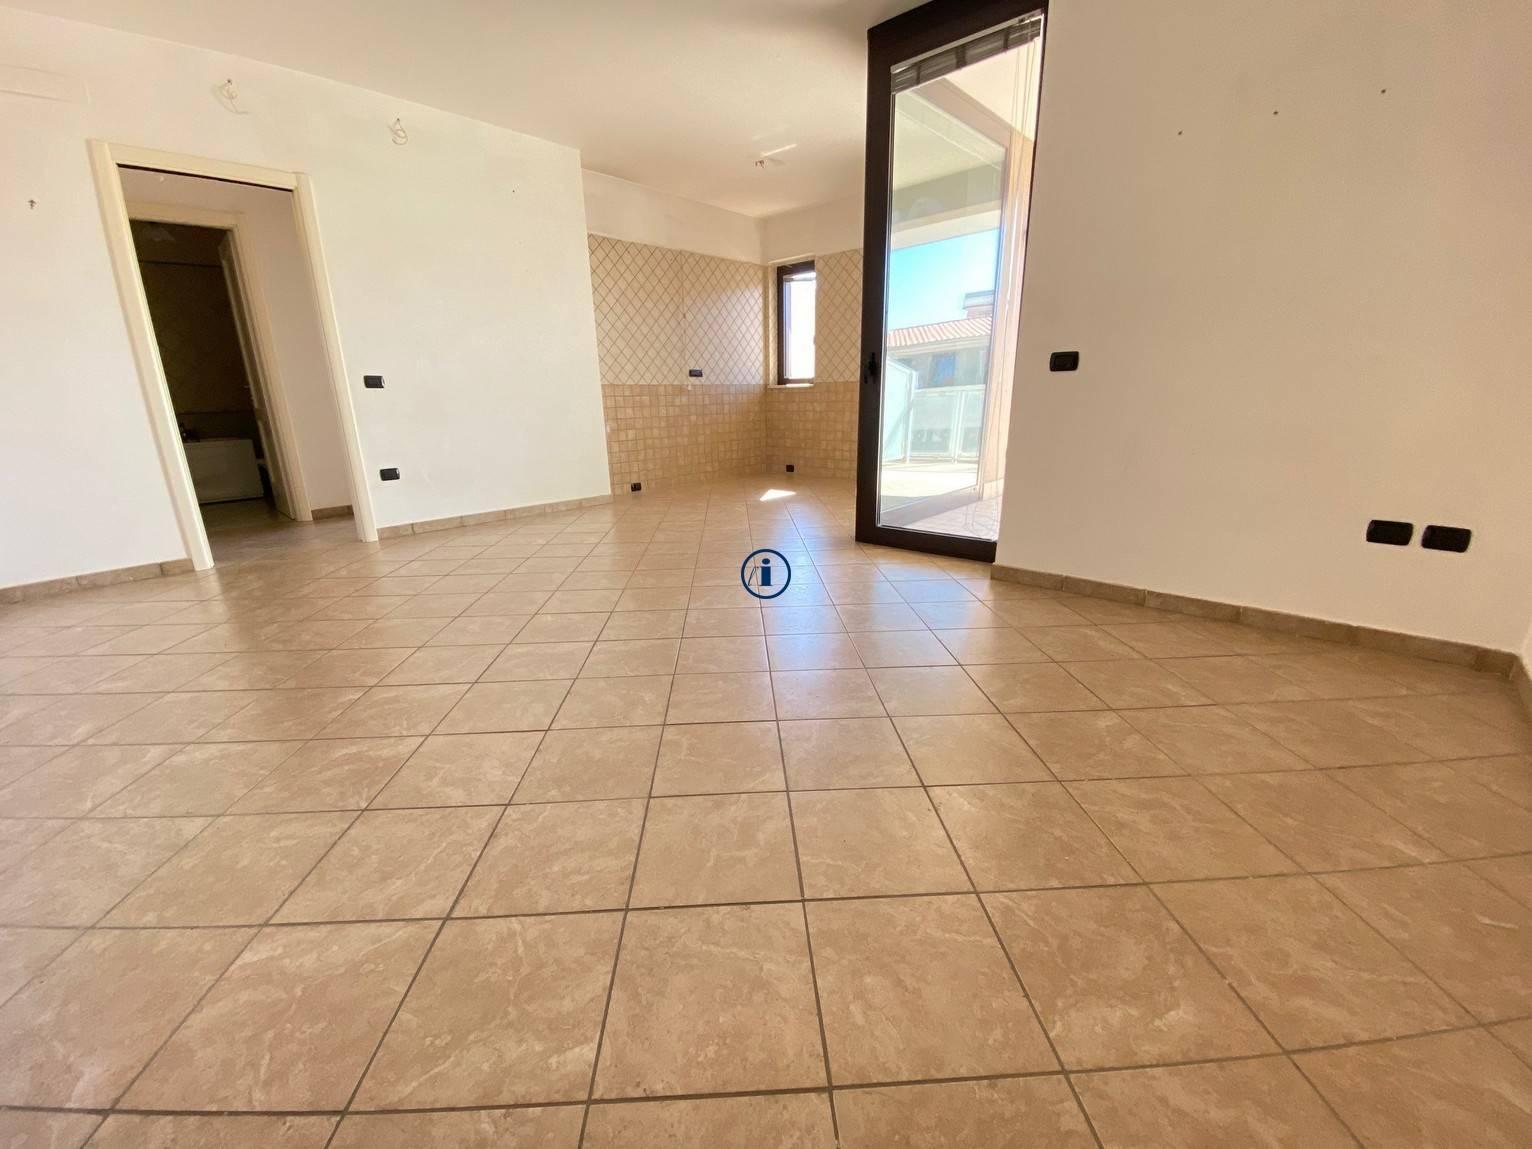 Appartamento in vendita a Caserta, 3 locali, zona Località: SanBenedetto, prezzo € 140.000 | PortaleAgenzieImmobiliari.it